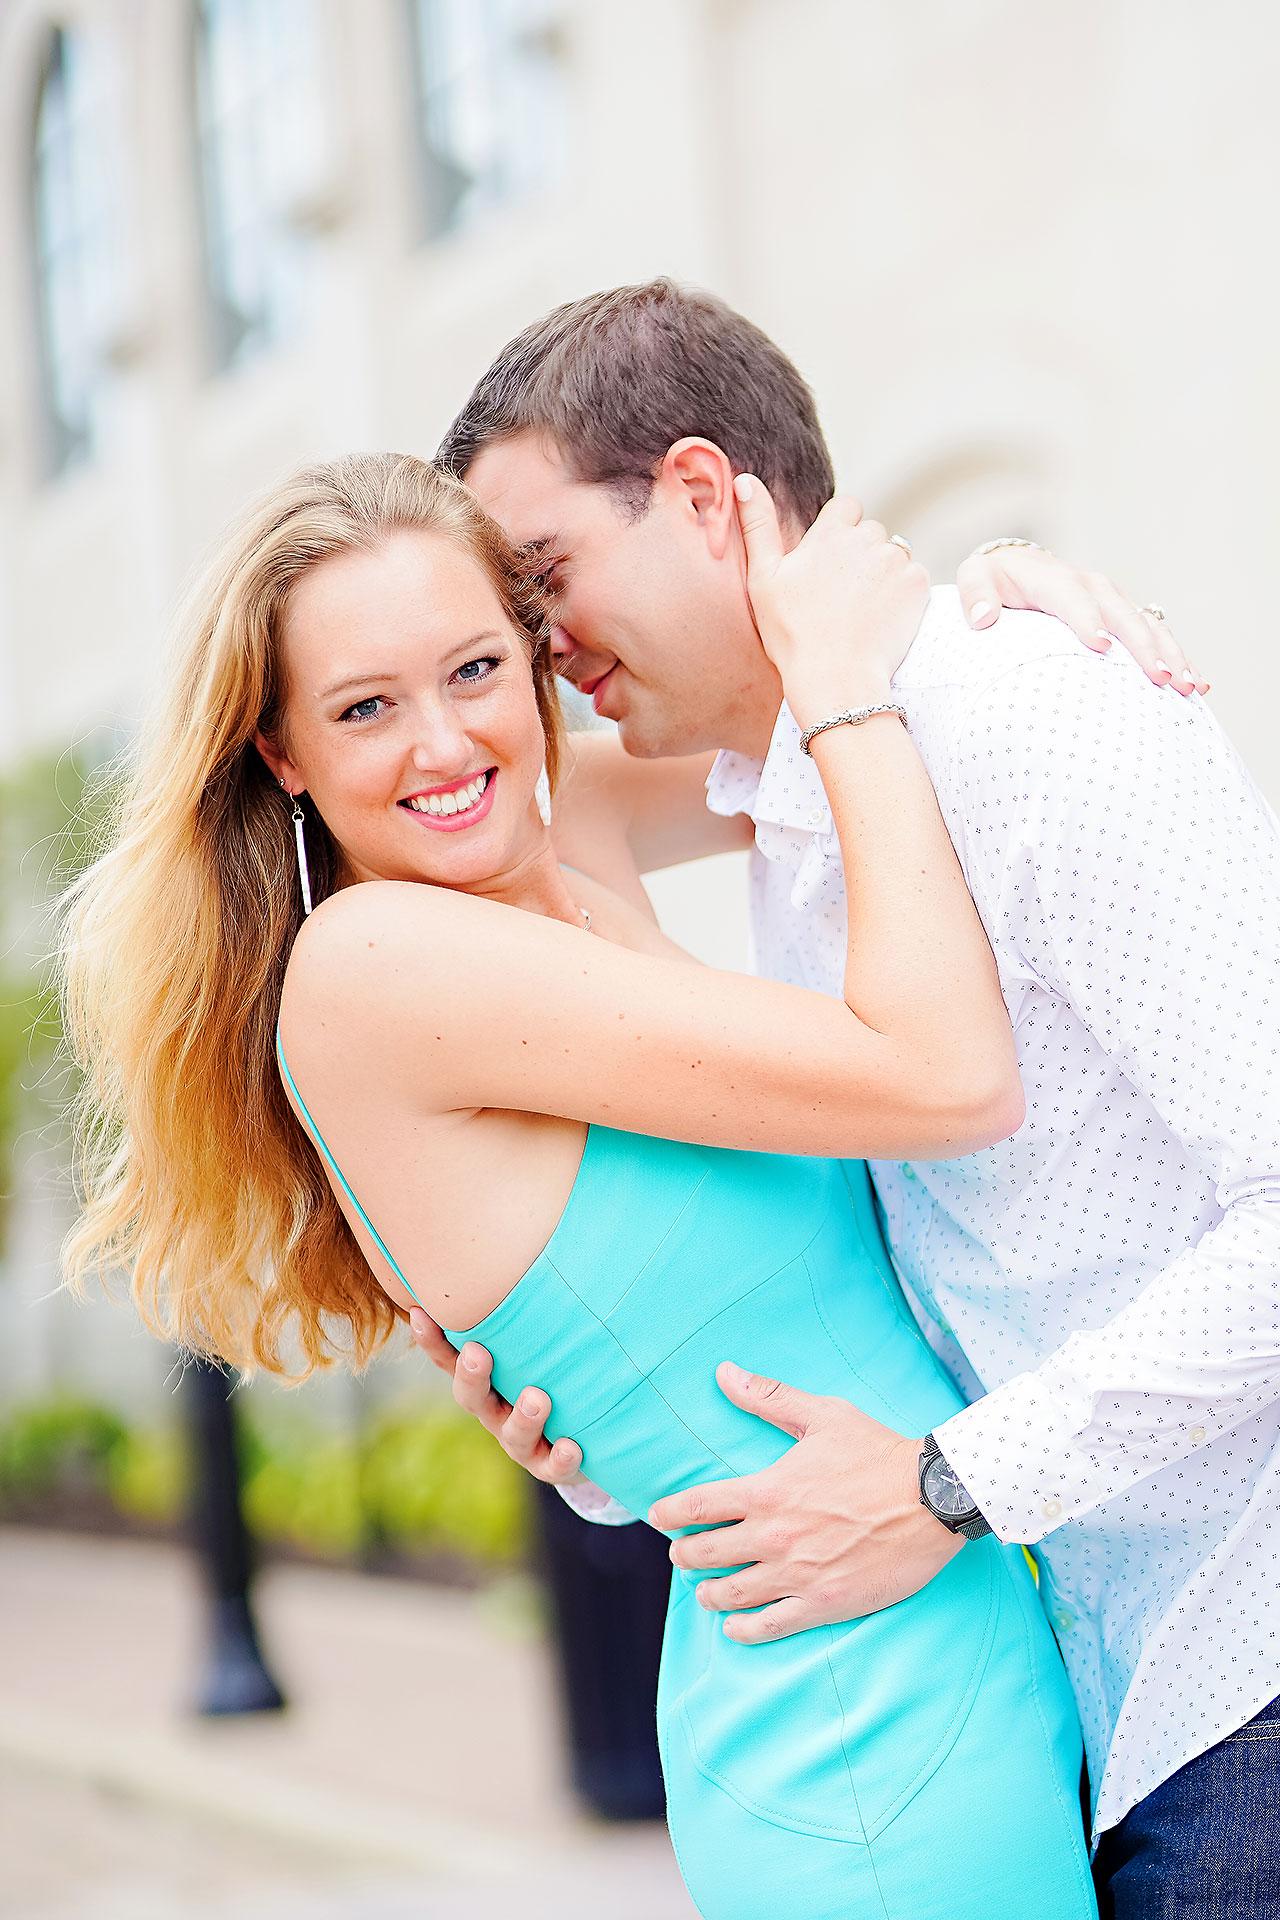 Liz Zach Midtown Carmel Engagement Session 096